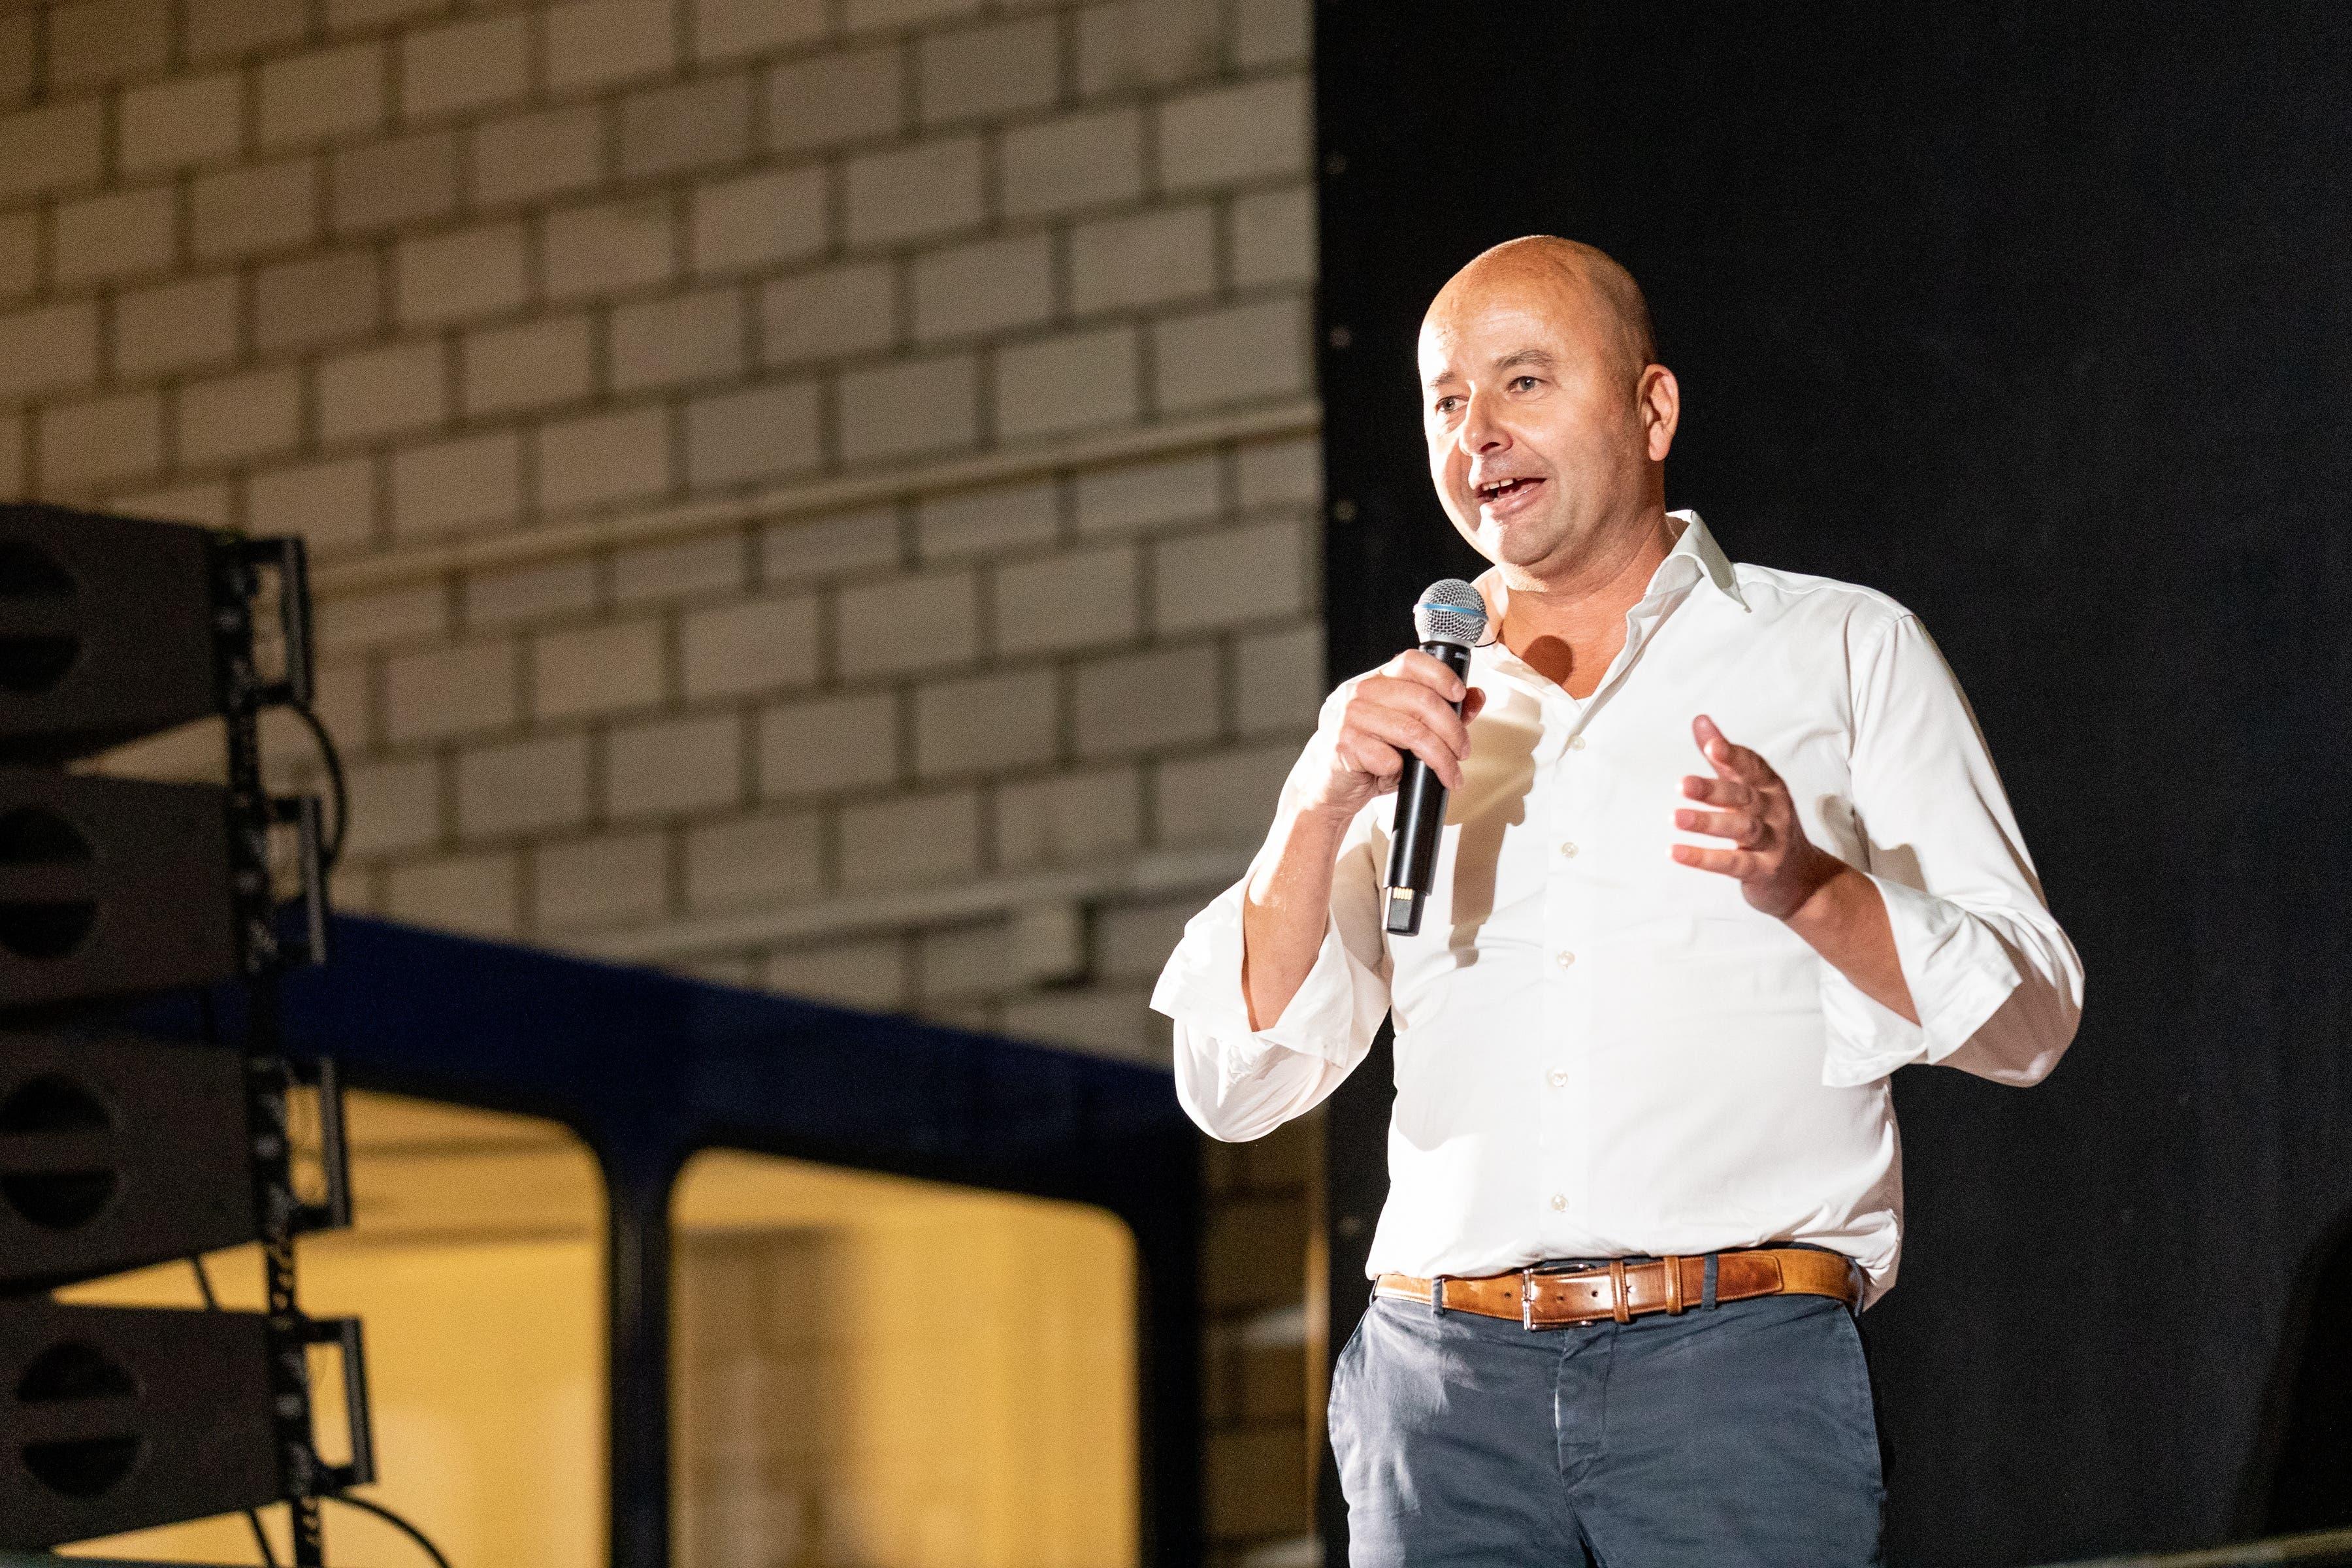 «Es faszinierte mich dass sich junge Leute für das Milizsystem engagieren», sagte Nils Planzer, CEO und Verwaltungsratspräsident der Planzer Gruppe.